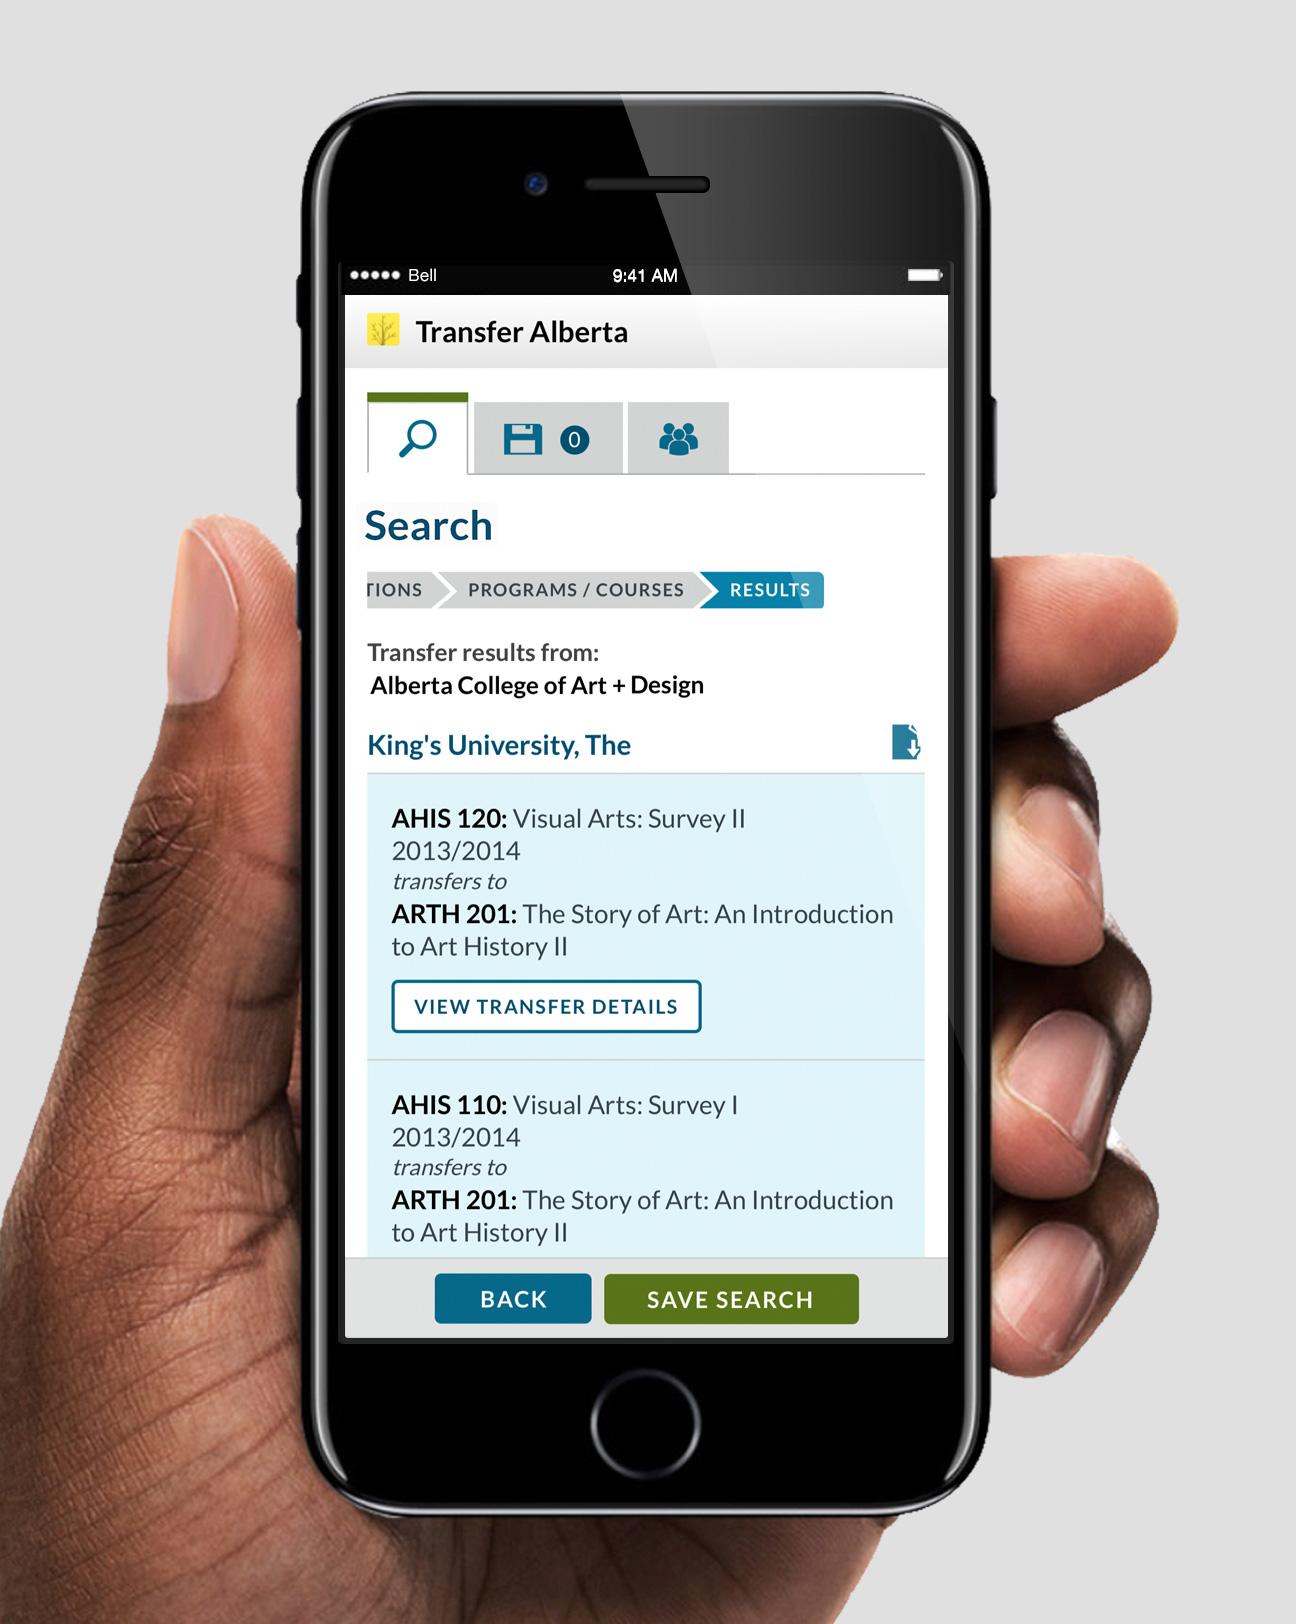 Transfer Alberta Search - Mobile App results